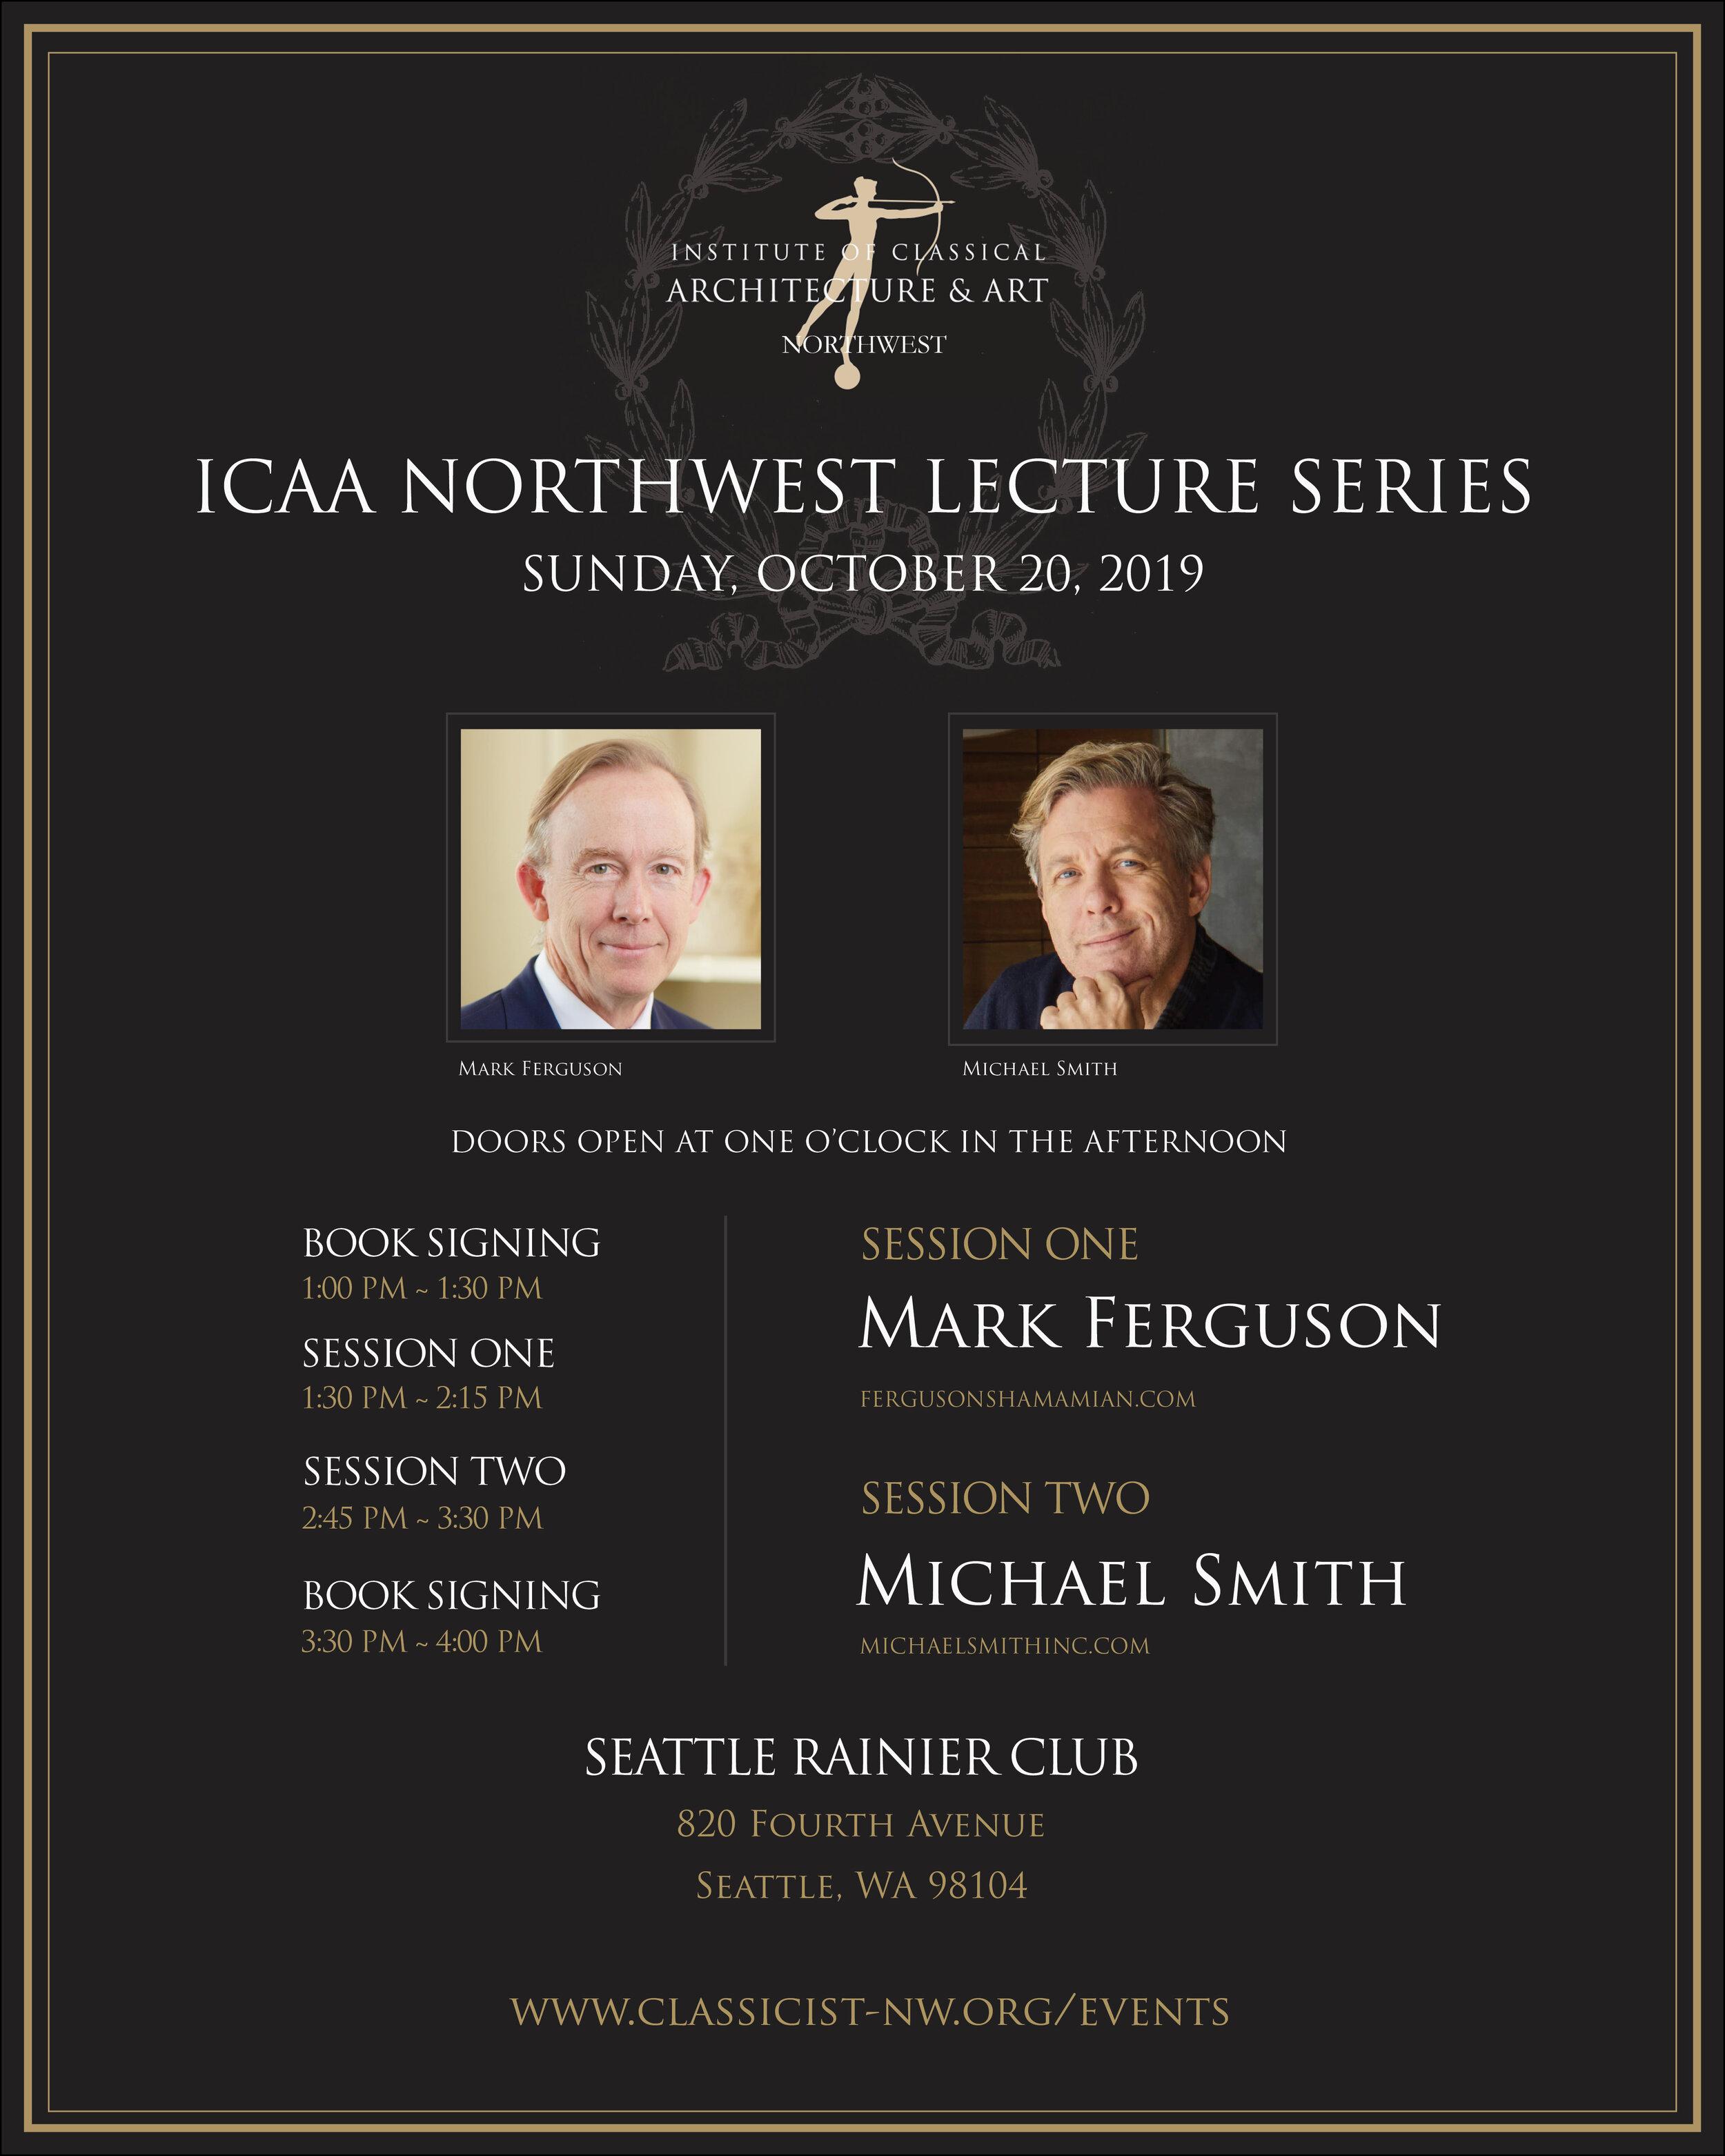 ICAA NW_Ferguson and Smith_IG.jpg